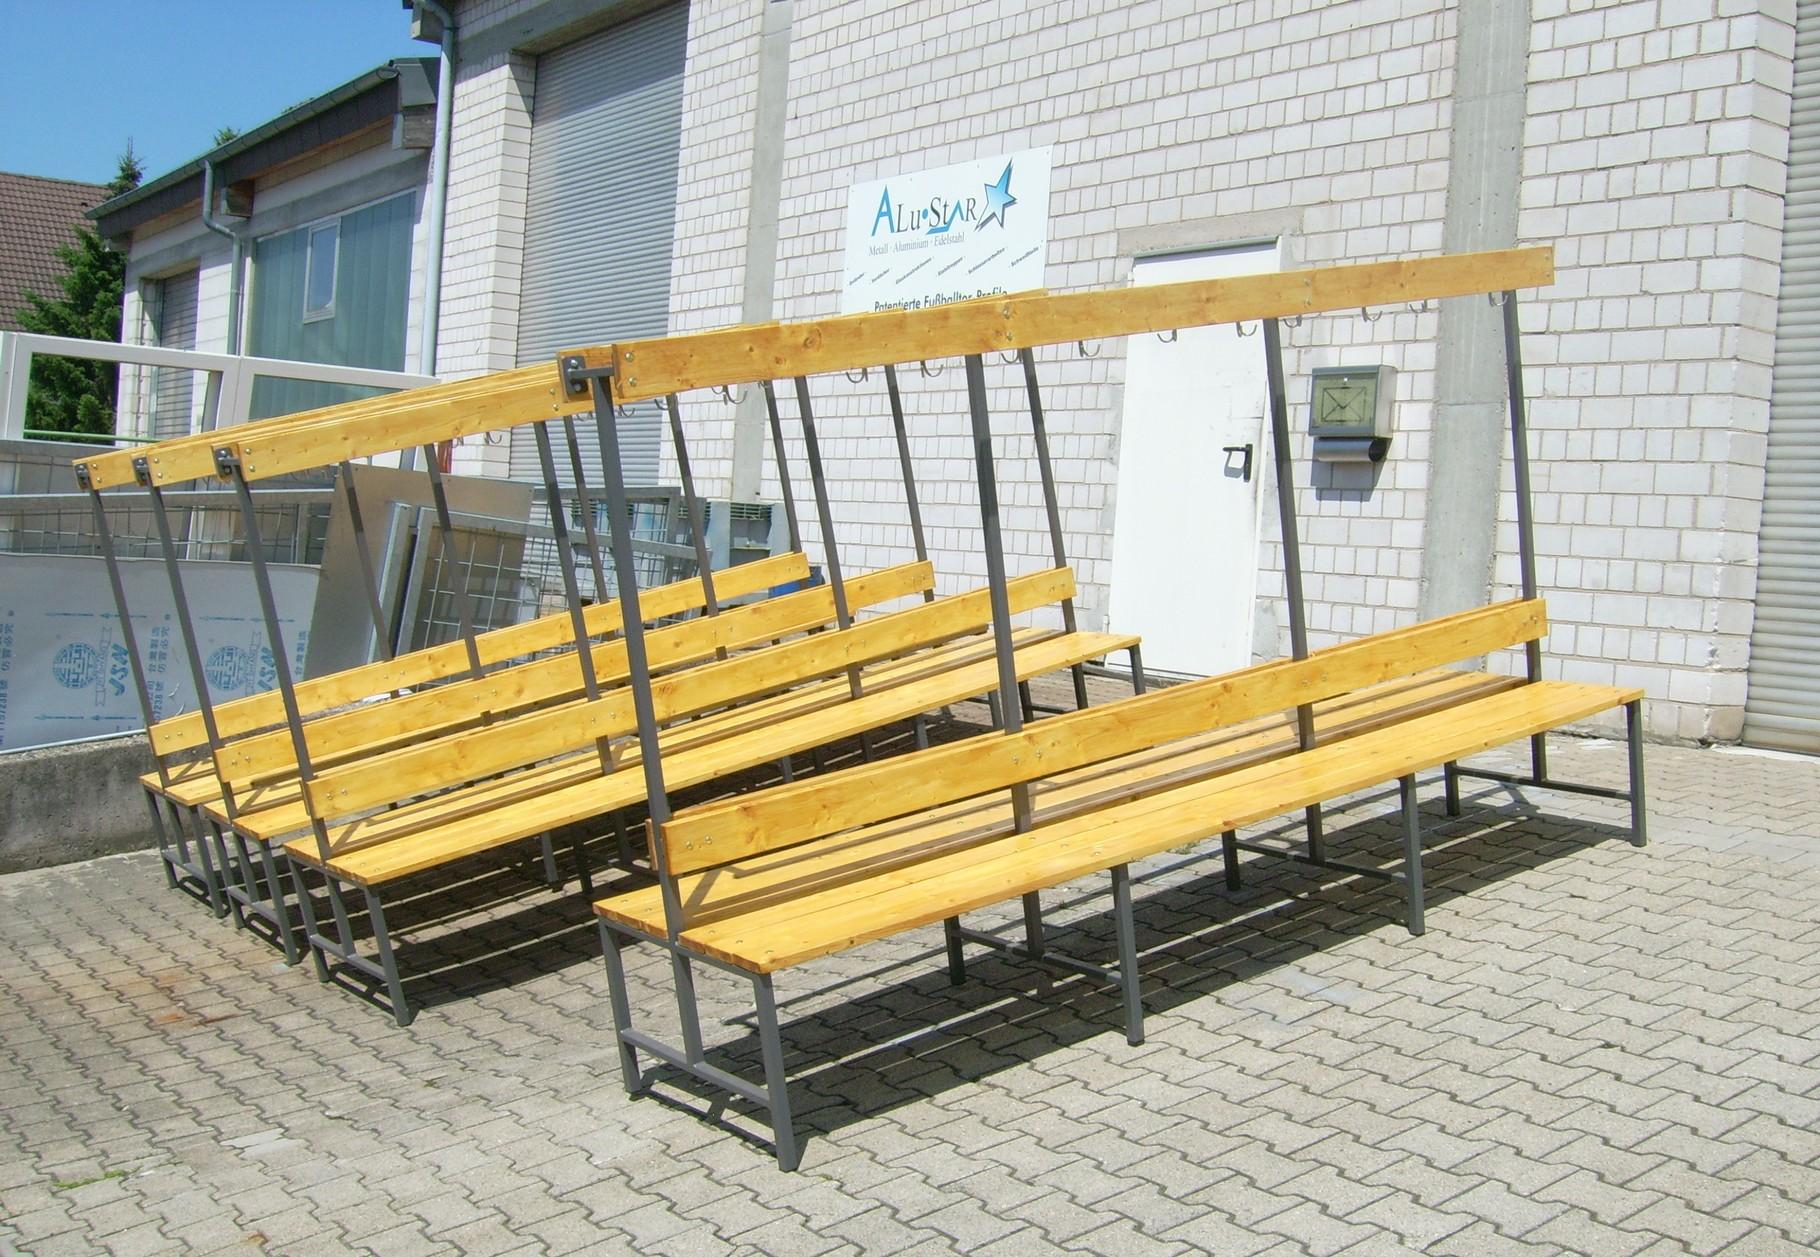 Zubehör - Alu Star Metallbau Schwaigern